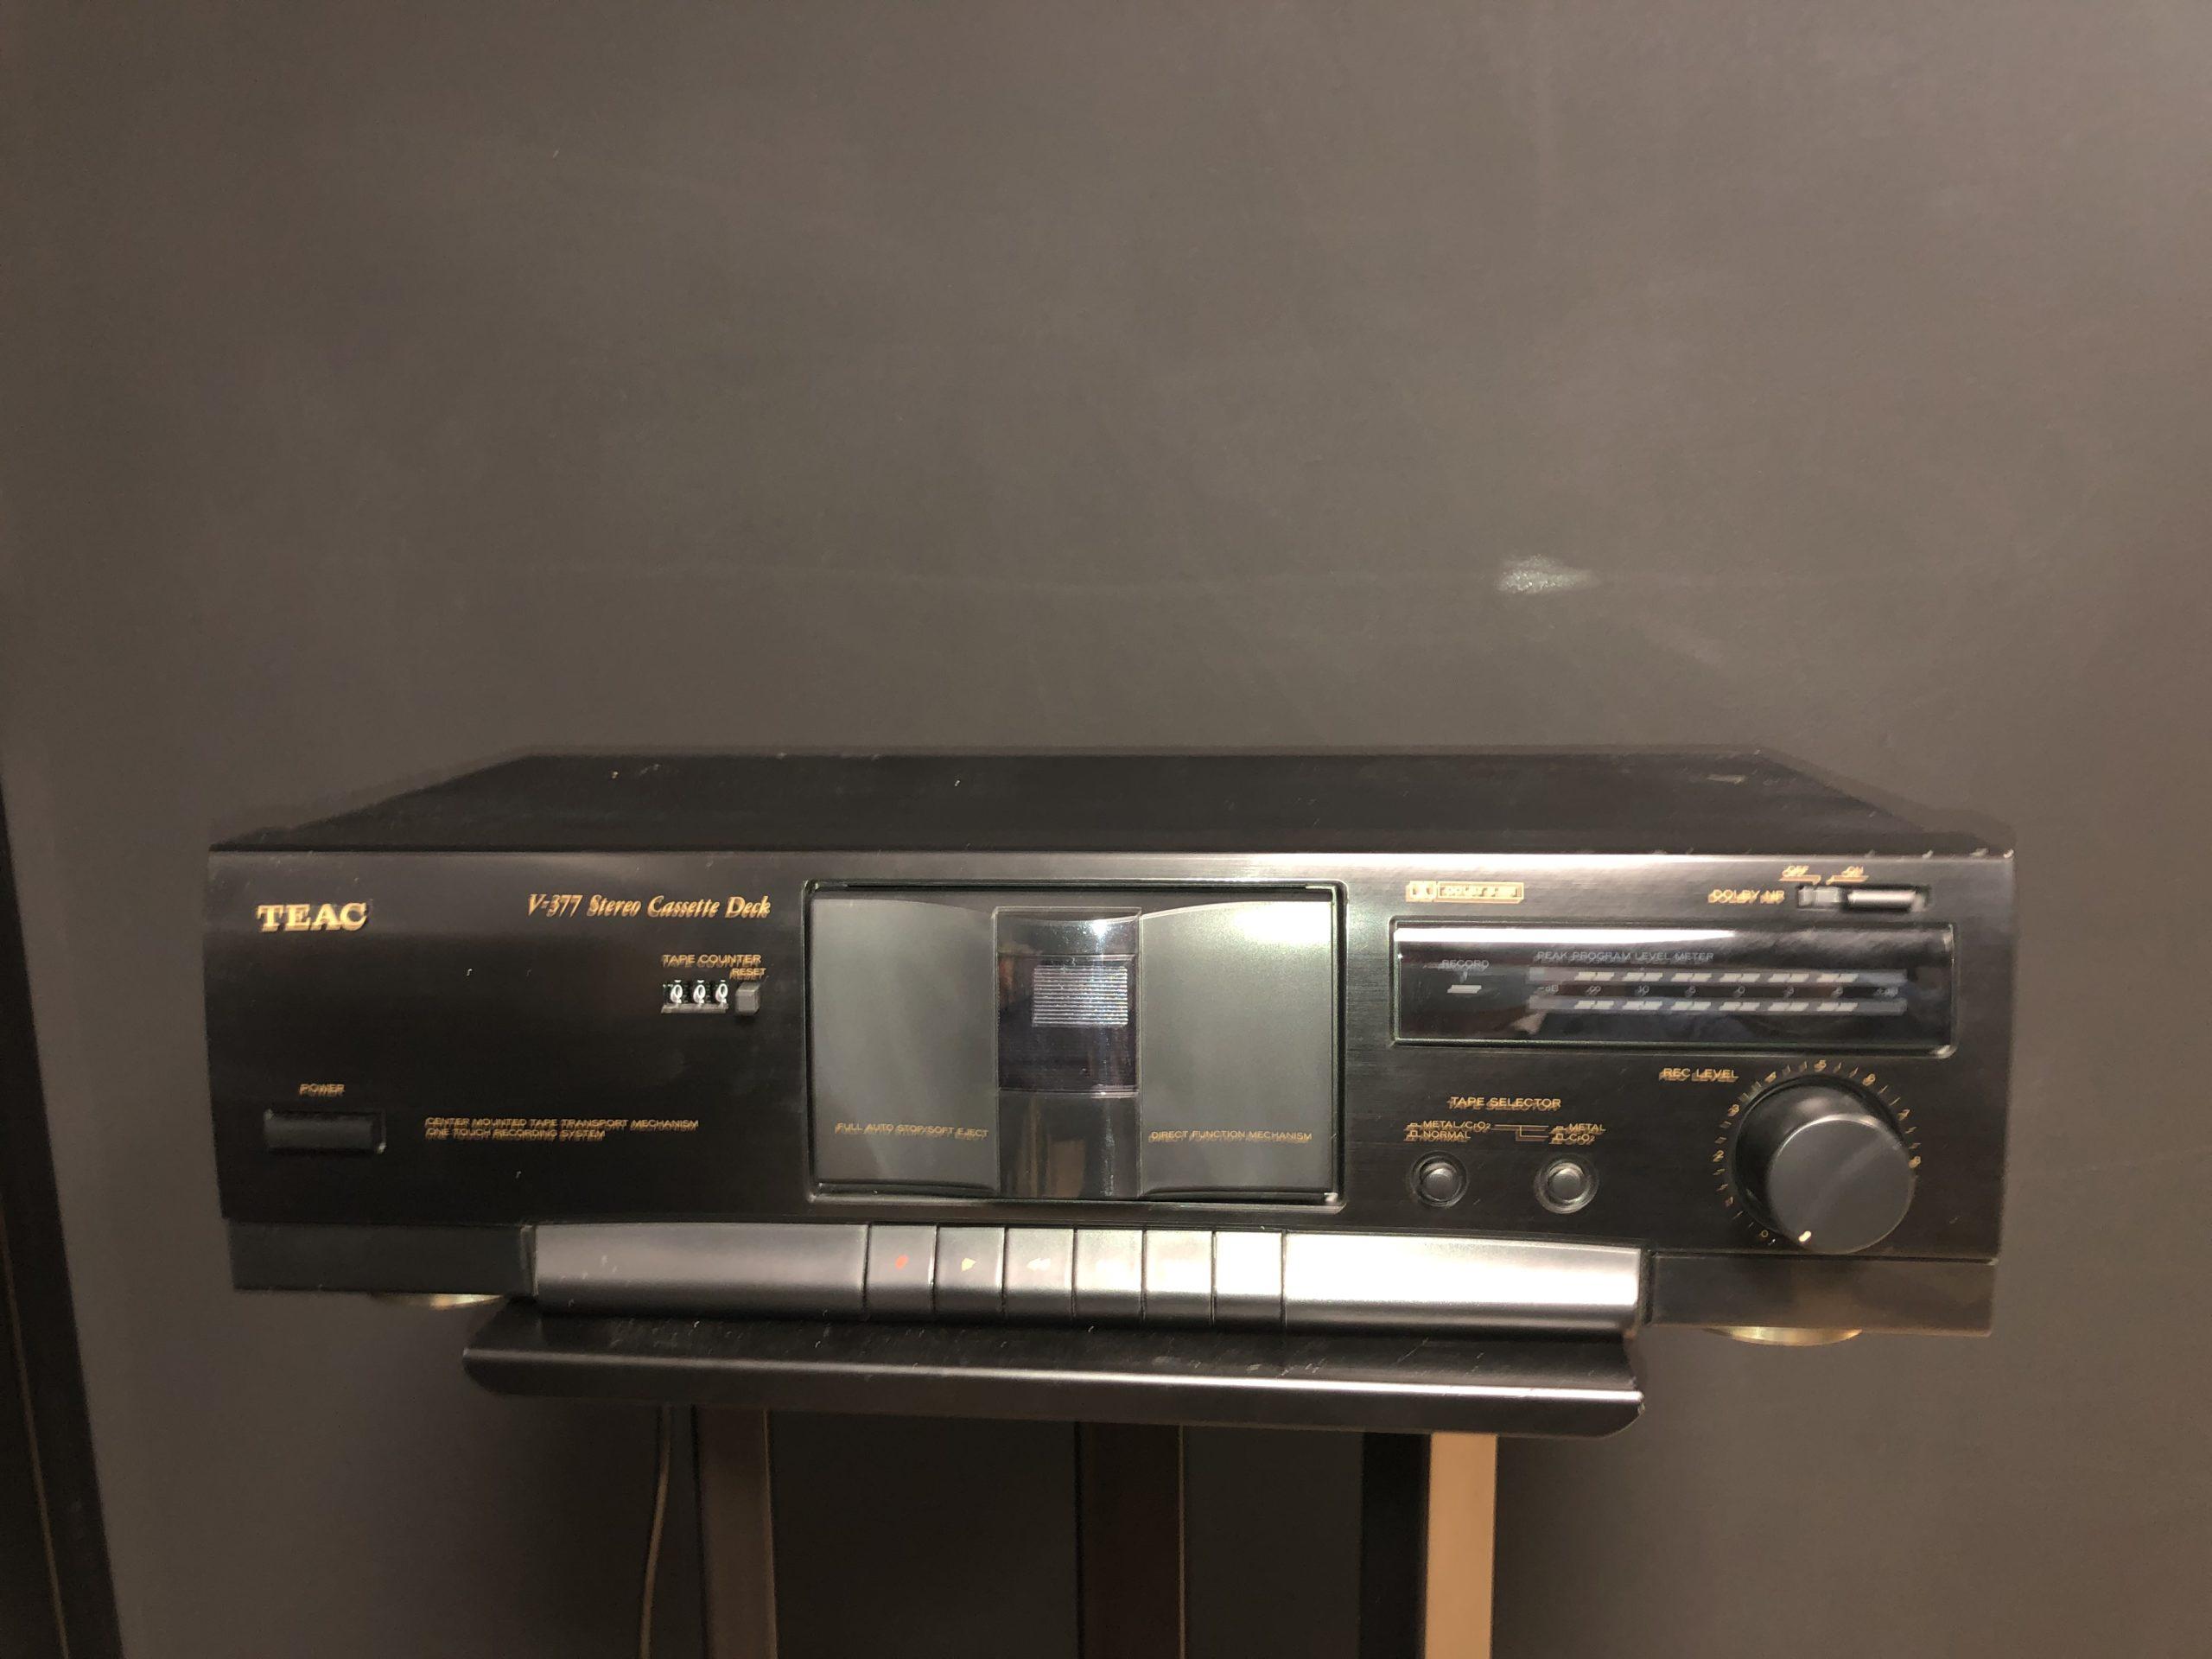 lecteur cassette d'occasion teac v-377 compiègne